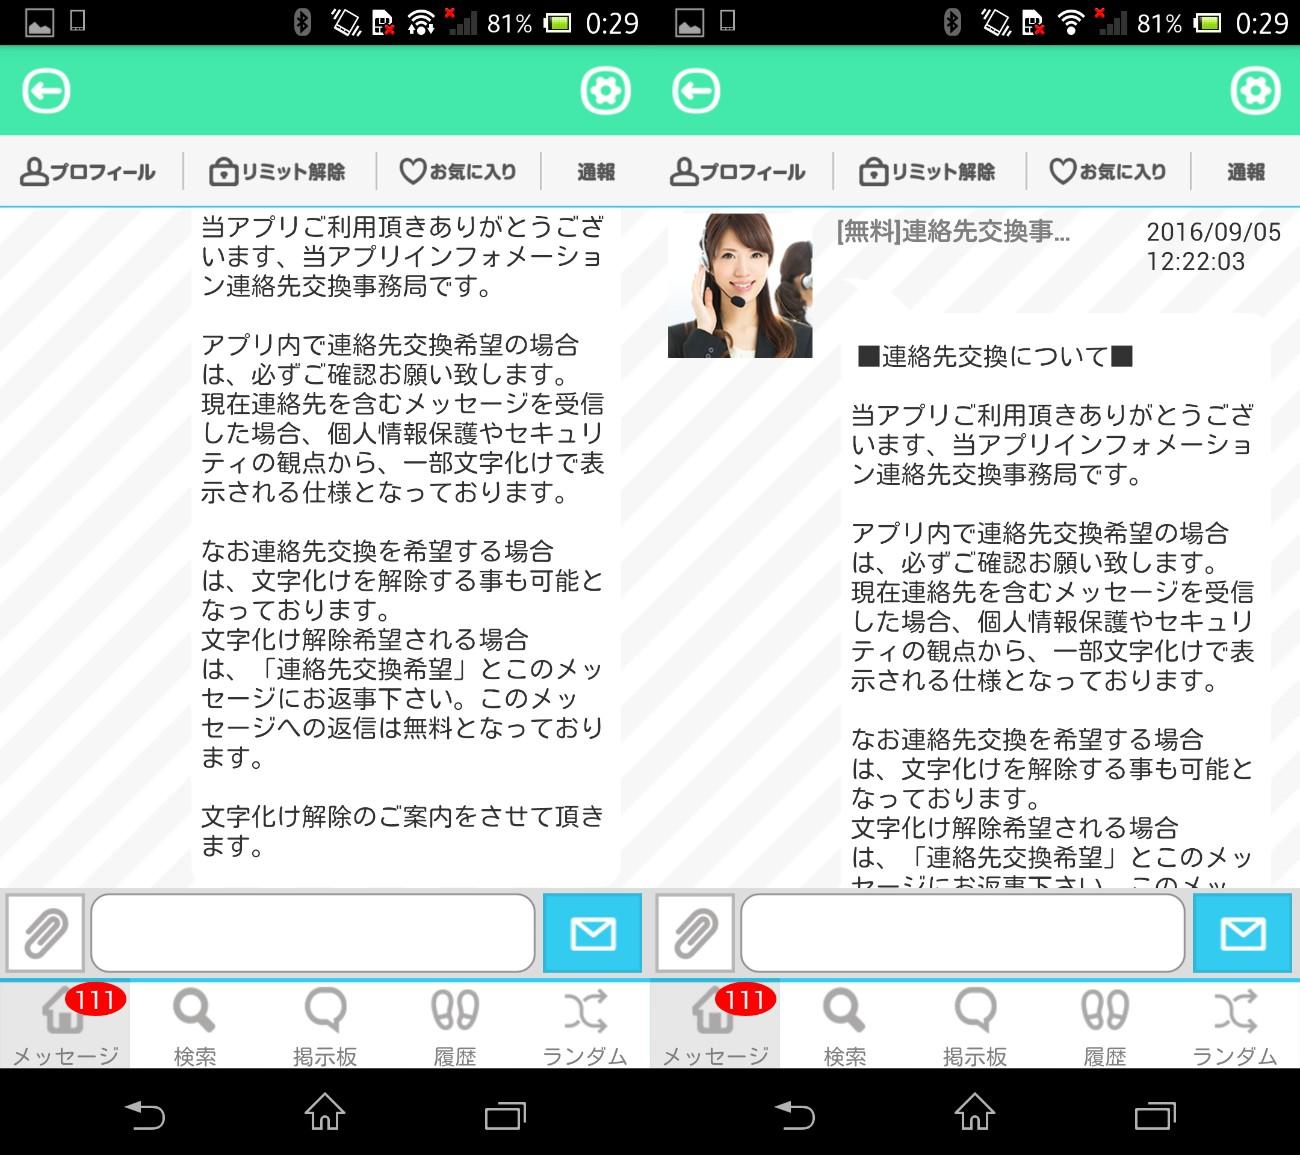 出会い系アプリ「ちょこっとメッセージ」連絡先交換事務局